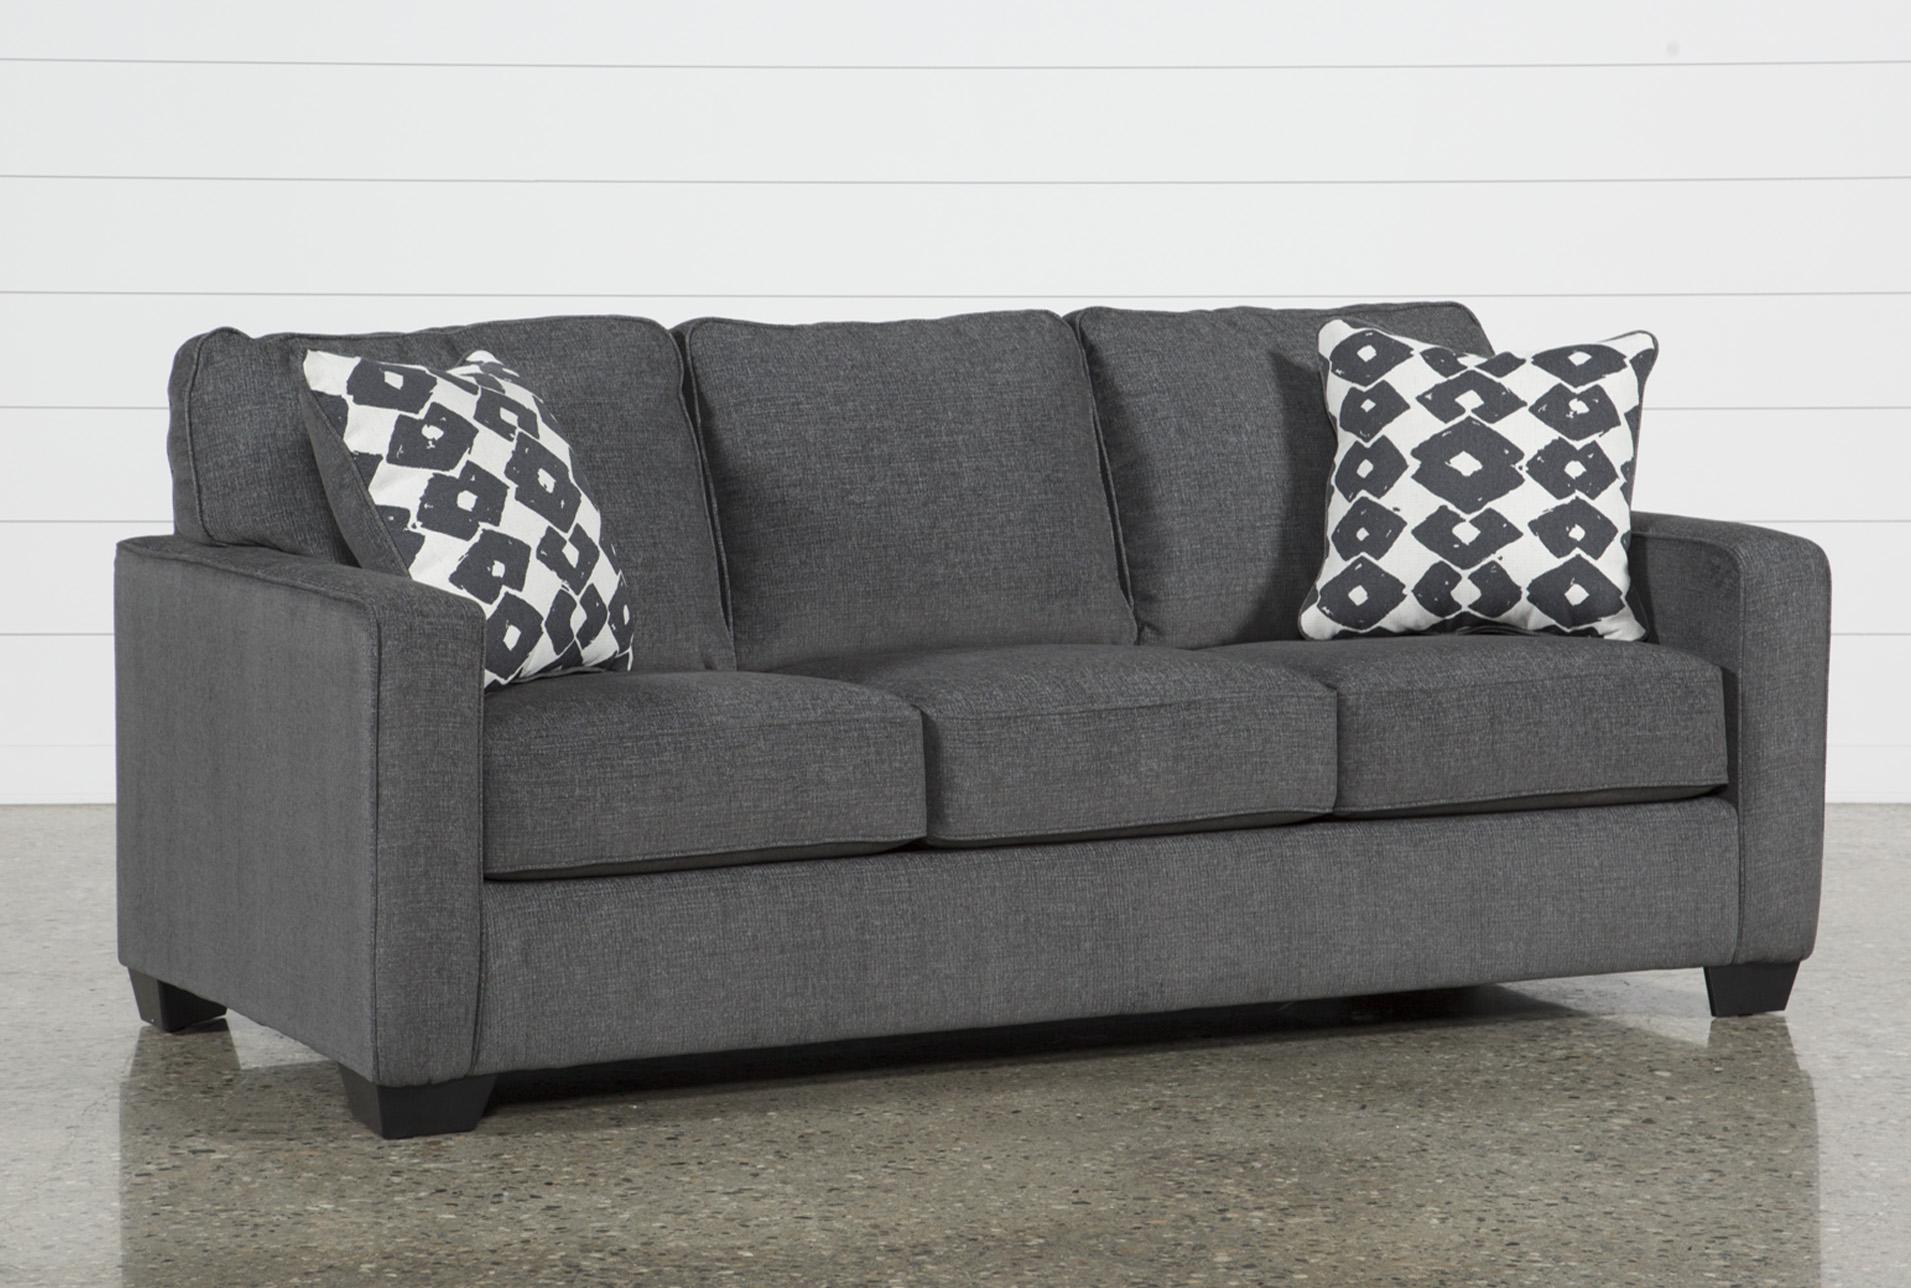 Turdur Sofa | Living Spaces